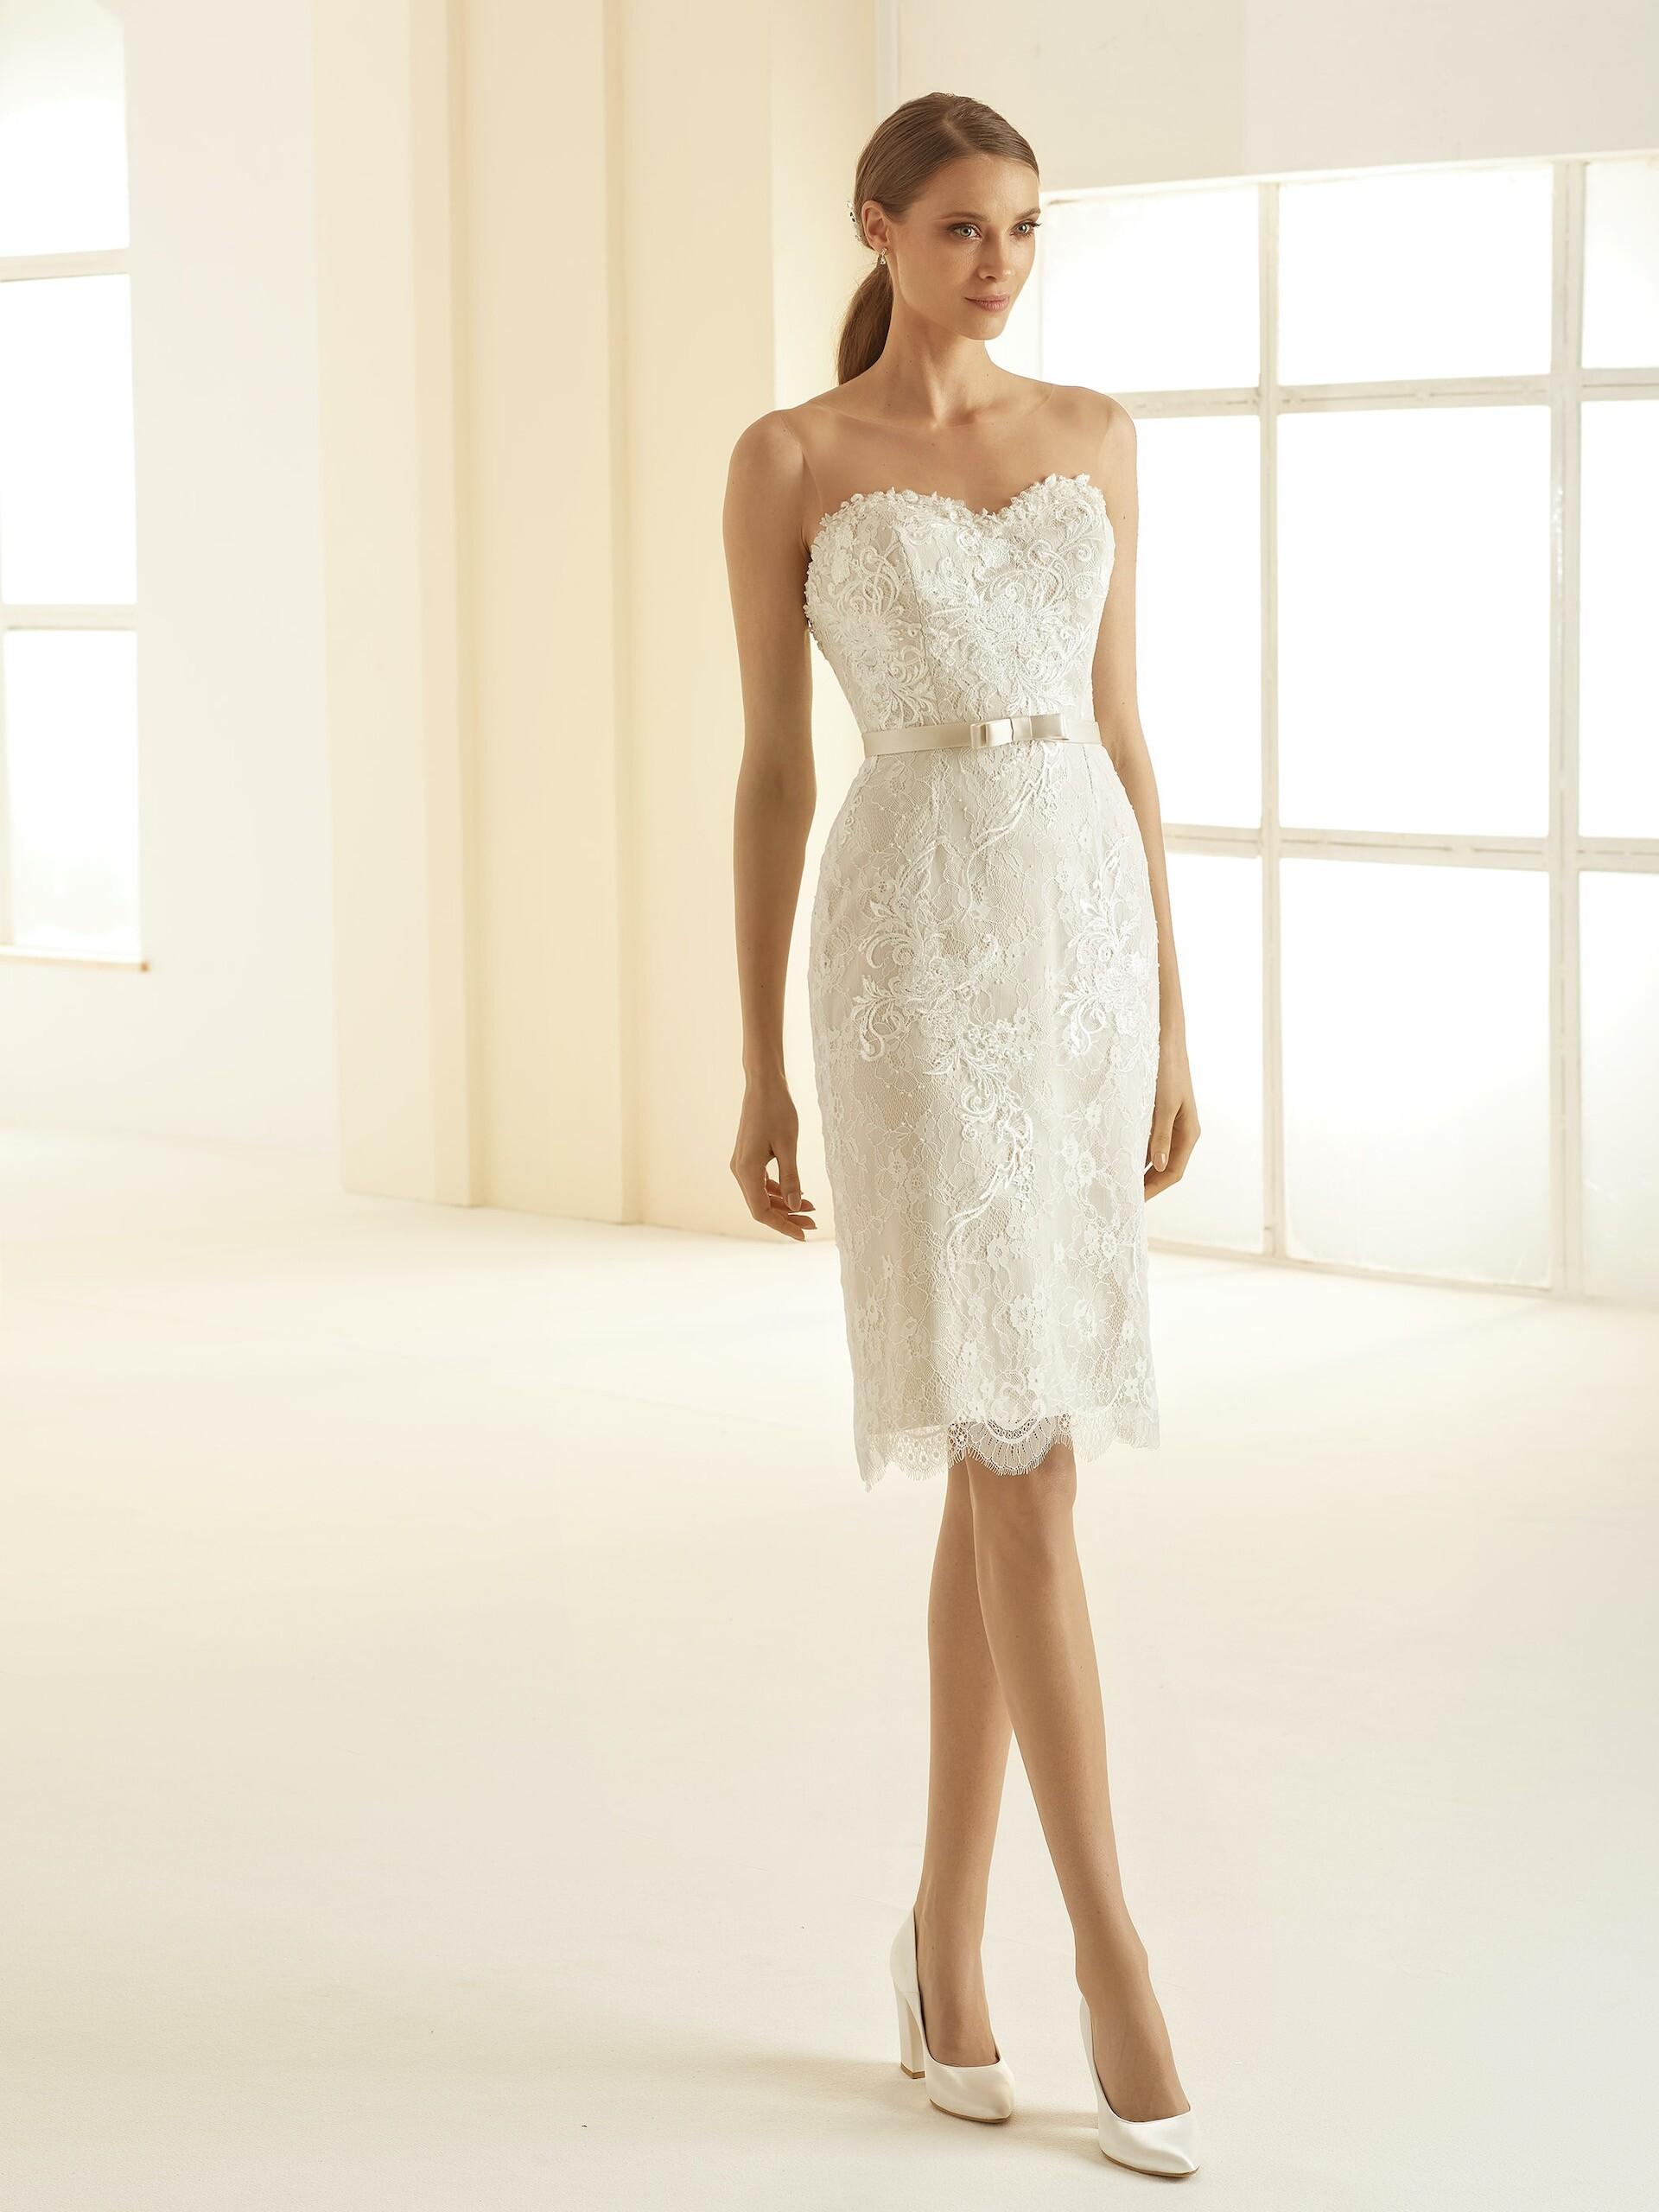 Knielanges Brautkleid im Etui-Schnitt von Bianco Evento  braut.de